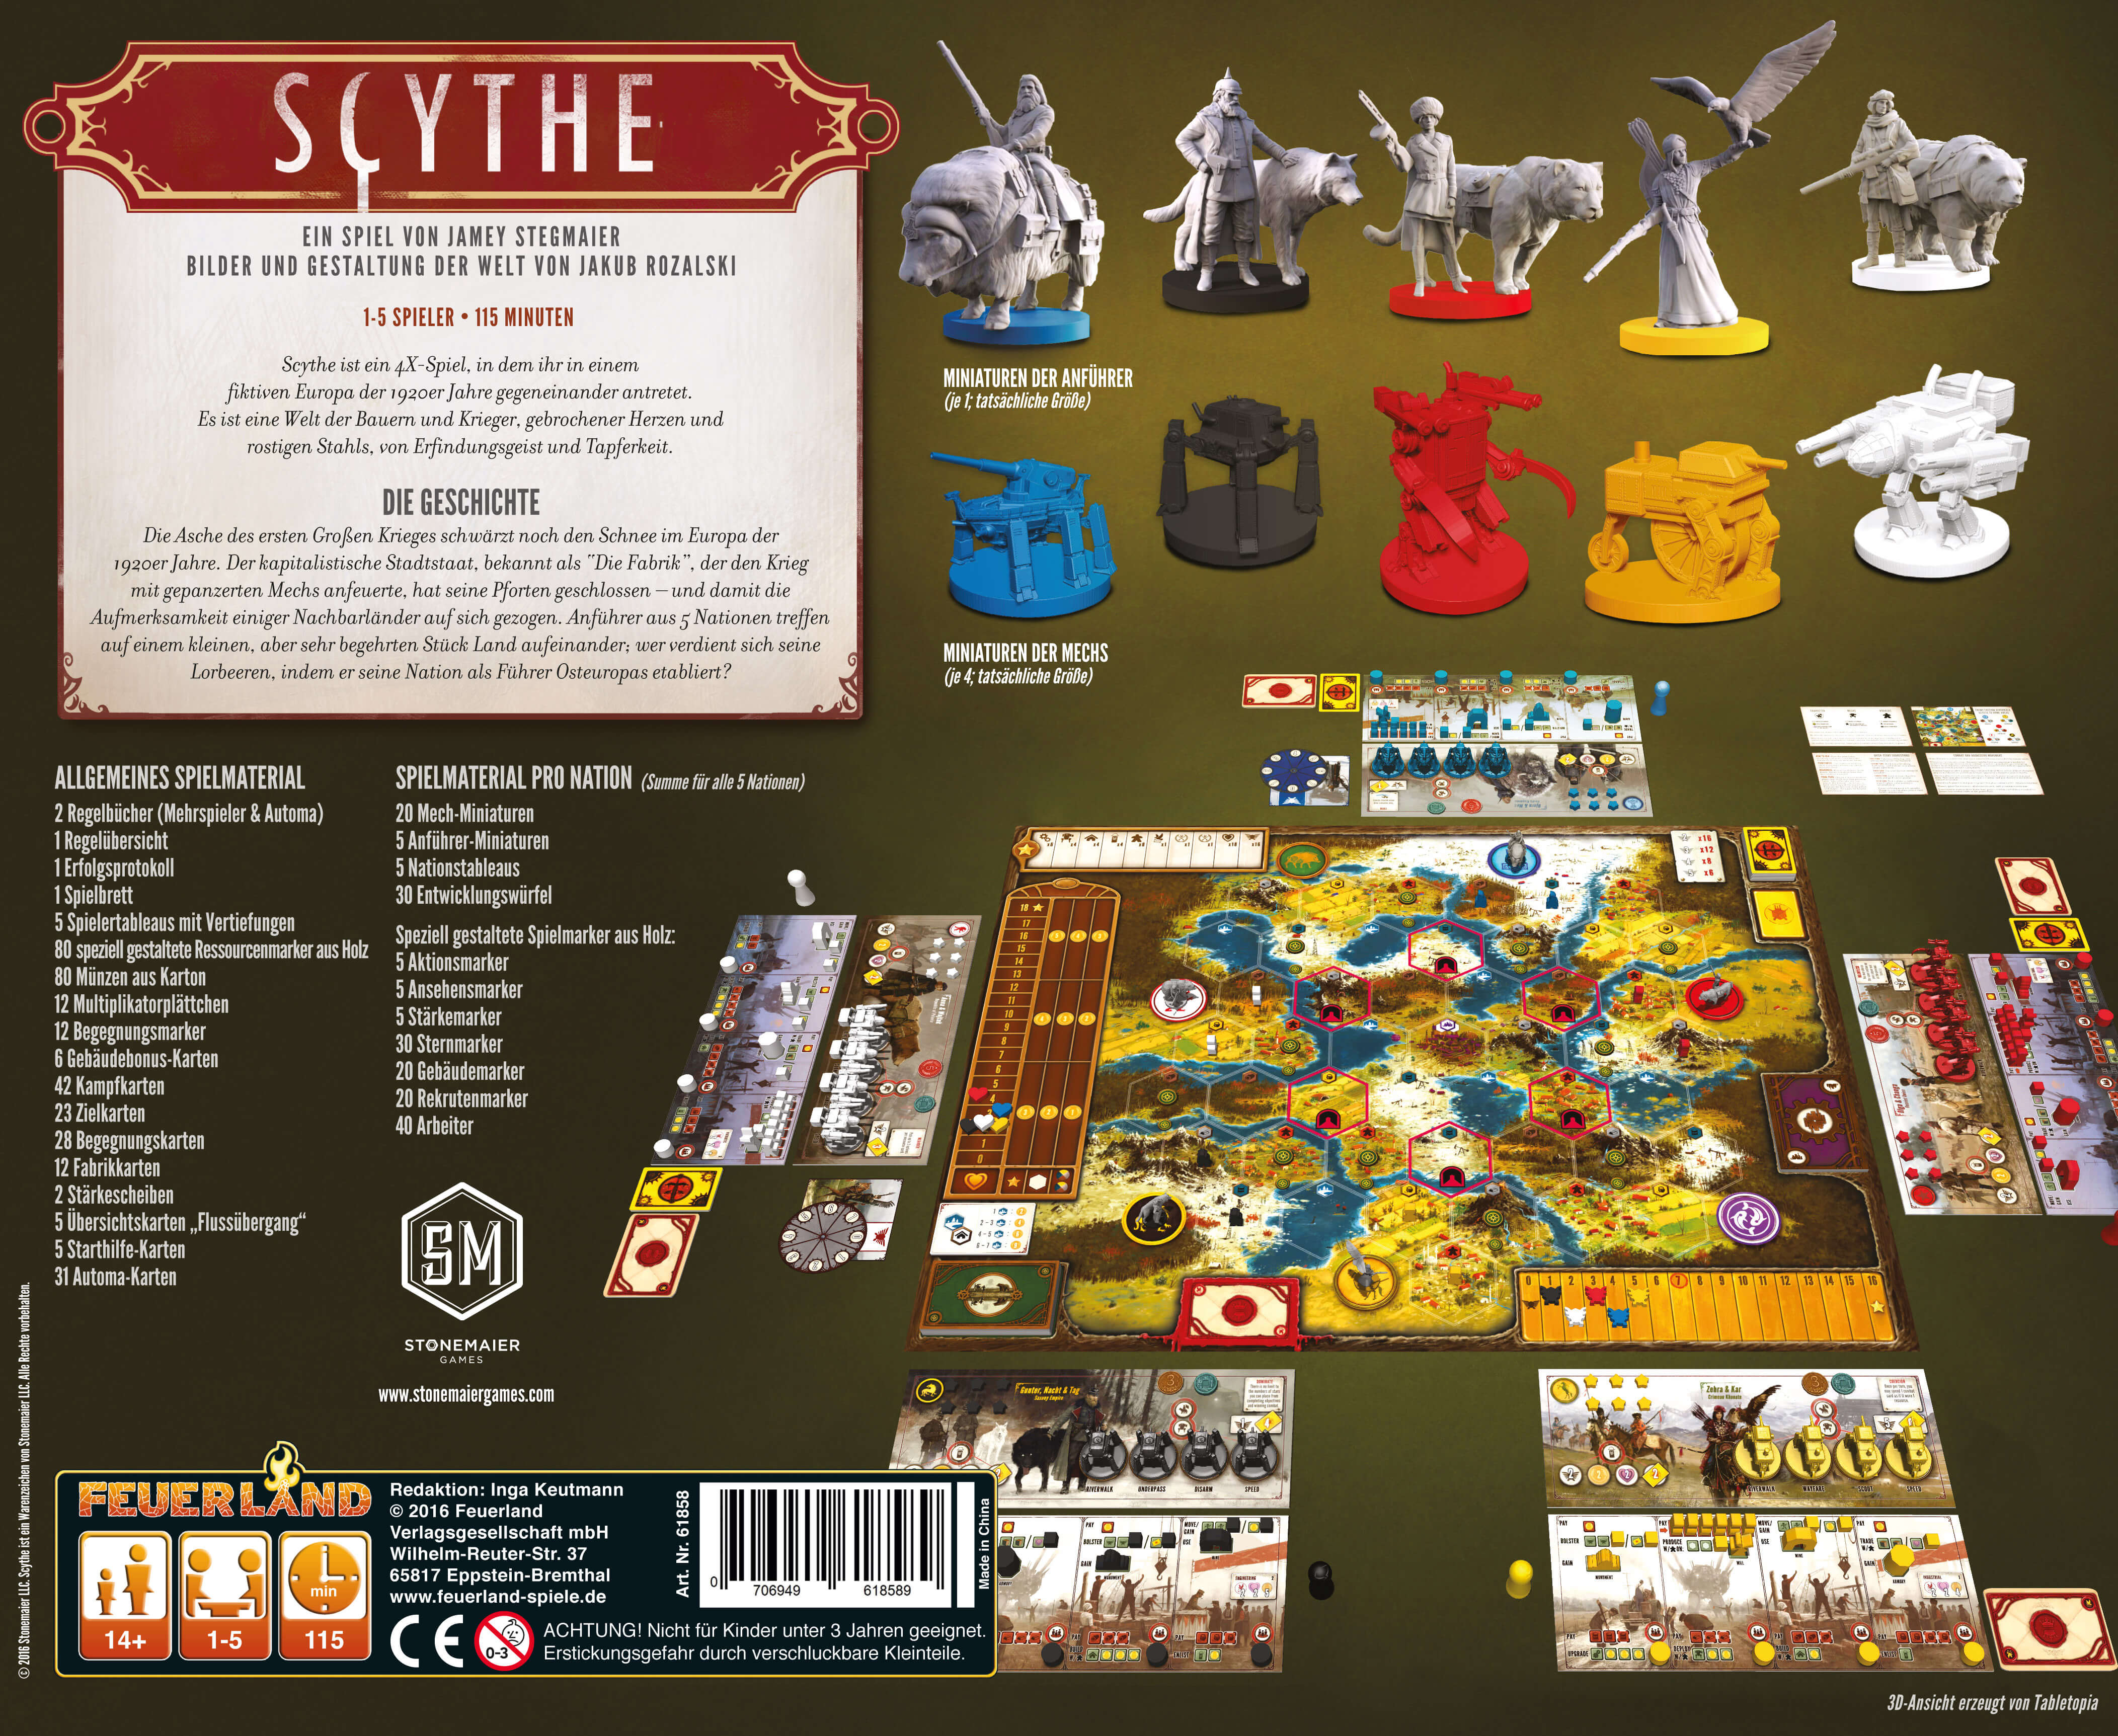 Schachtel Rückseite - Der Brettspiel-Hit- Scythe